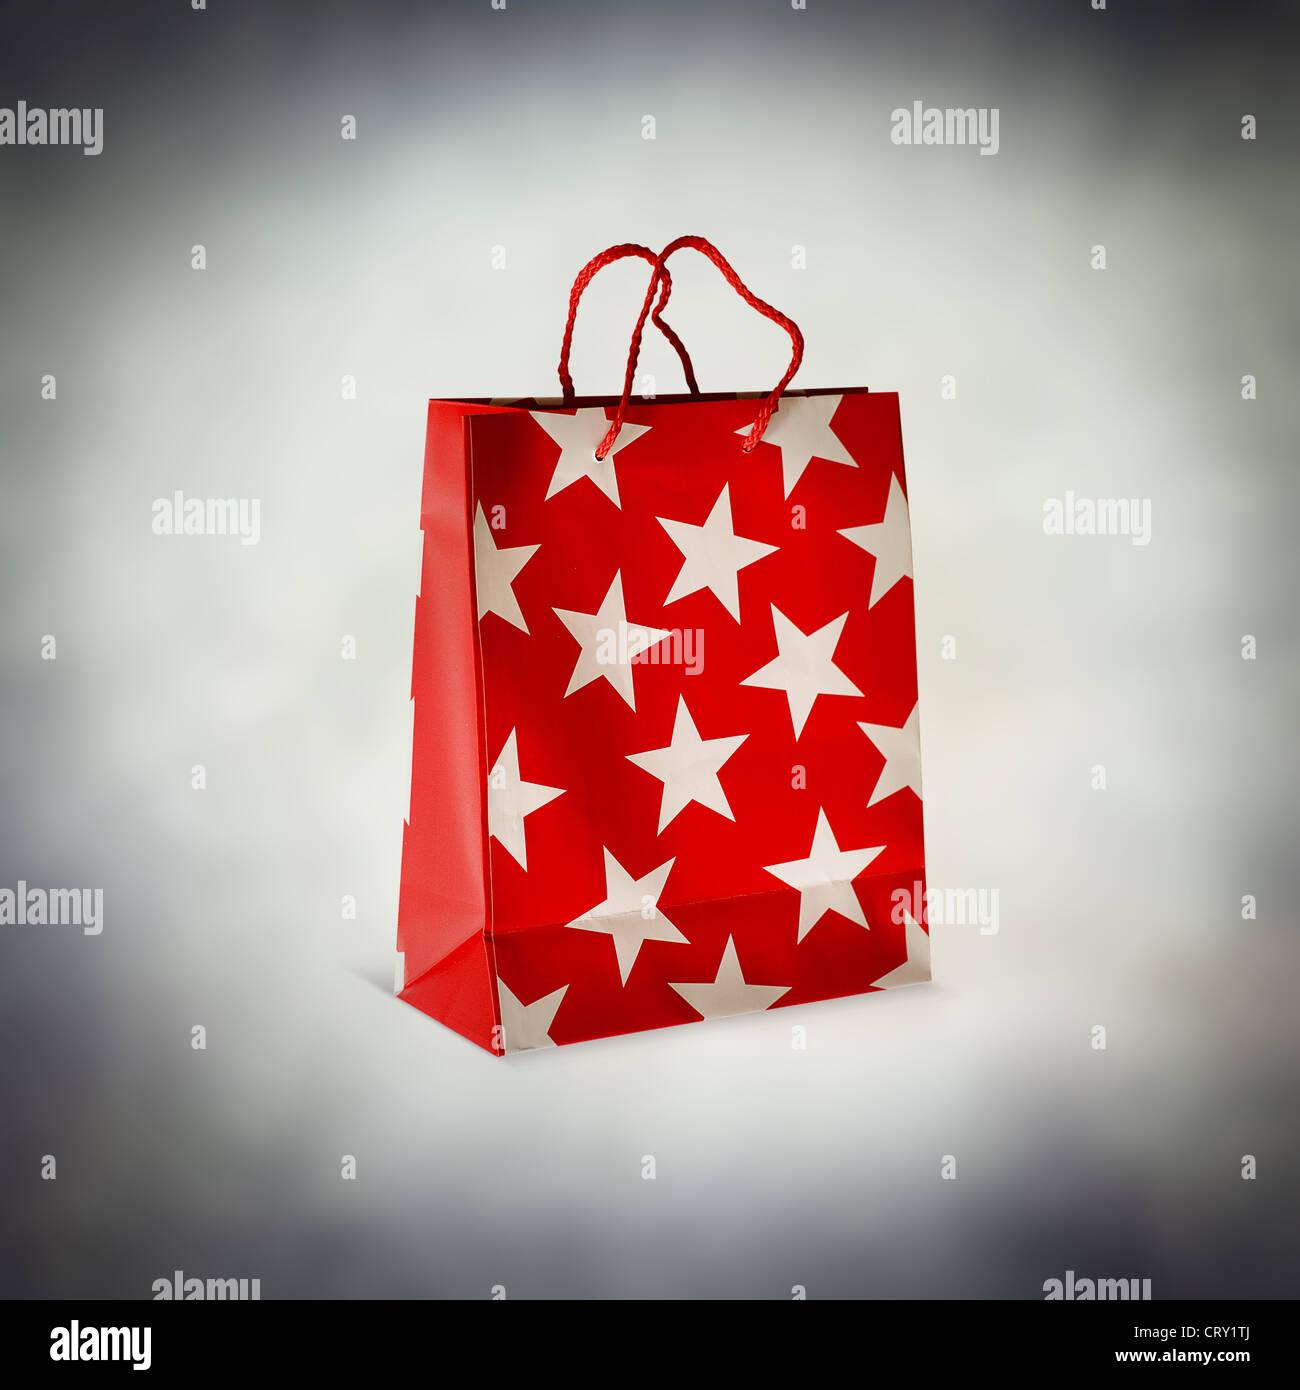 gift bag - Stock Image